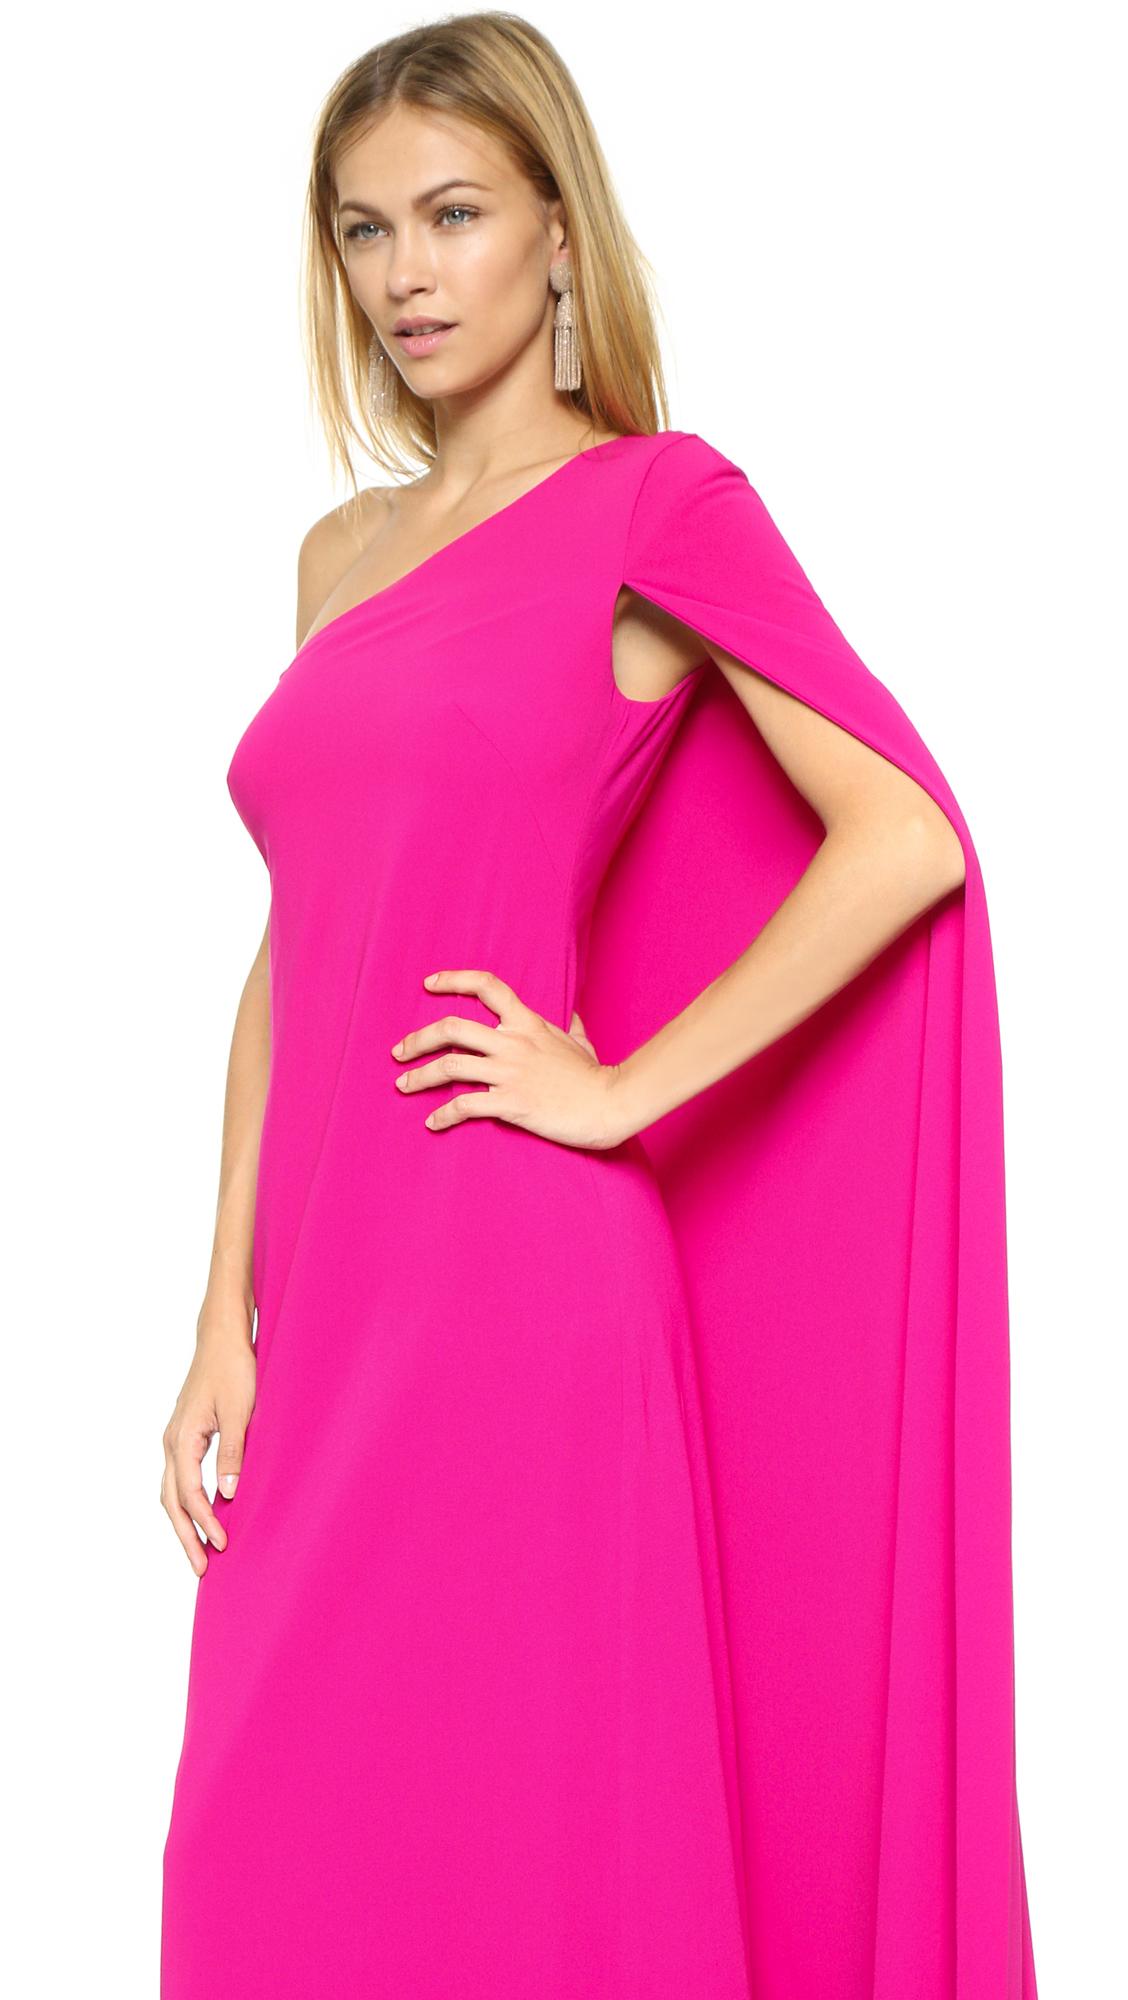 Jill jill stuart One Shoulder Gown in Pink | Lyst